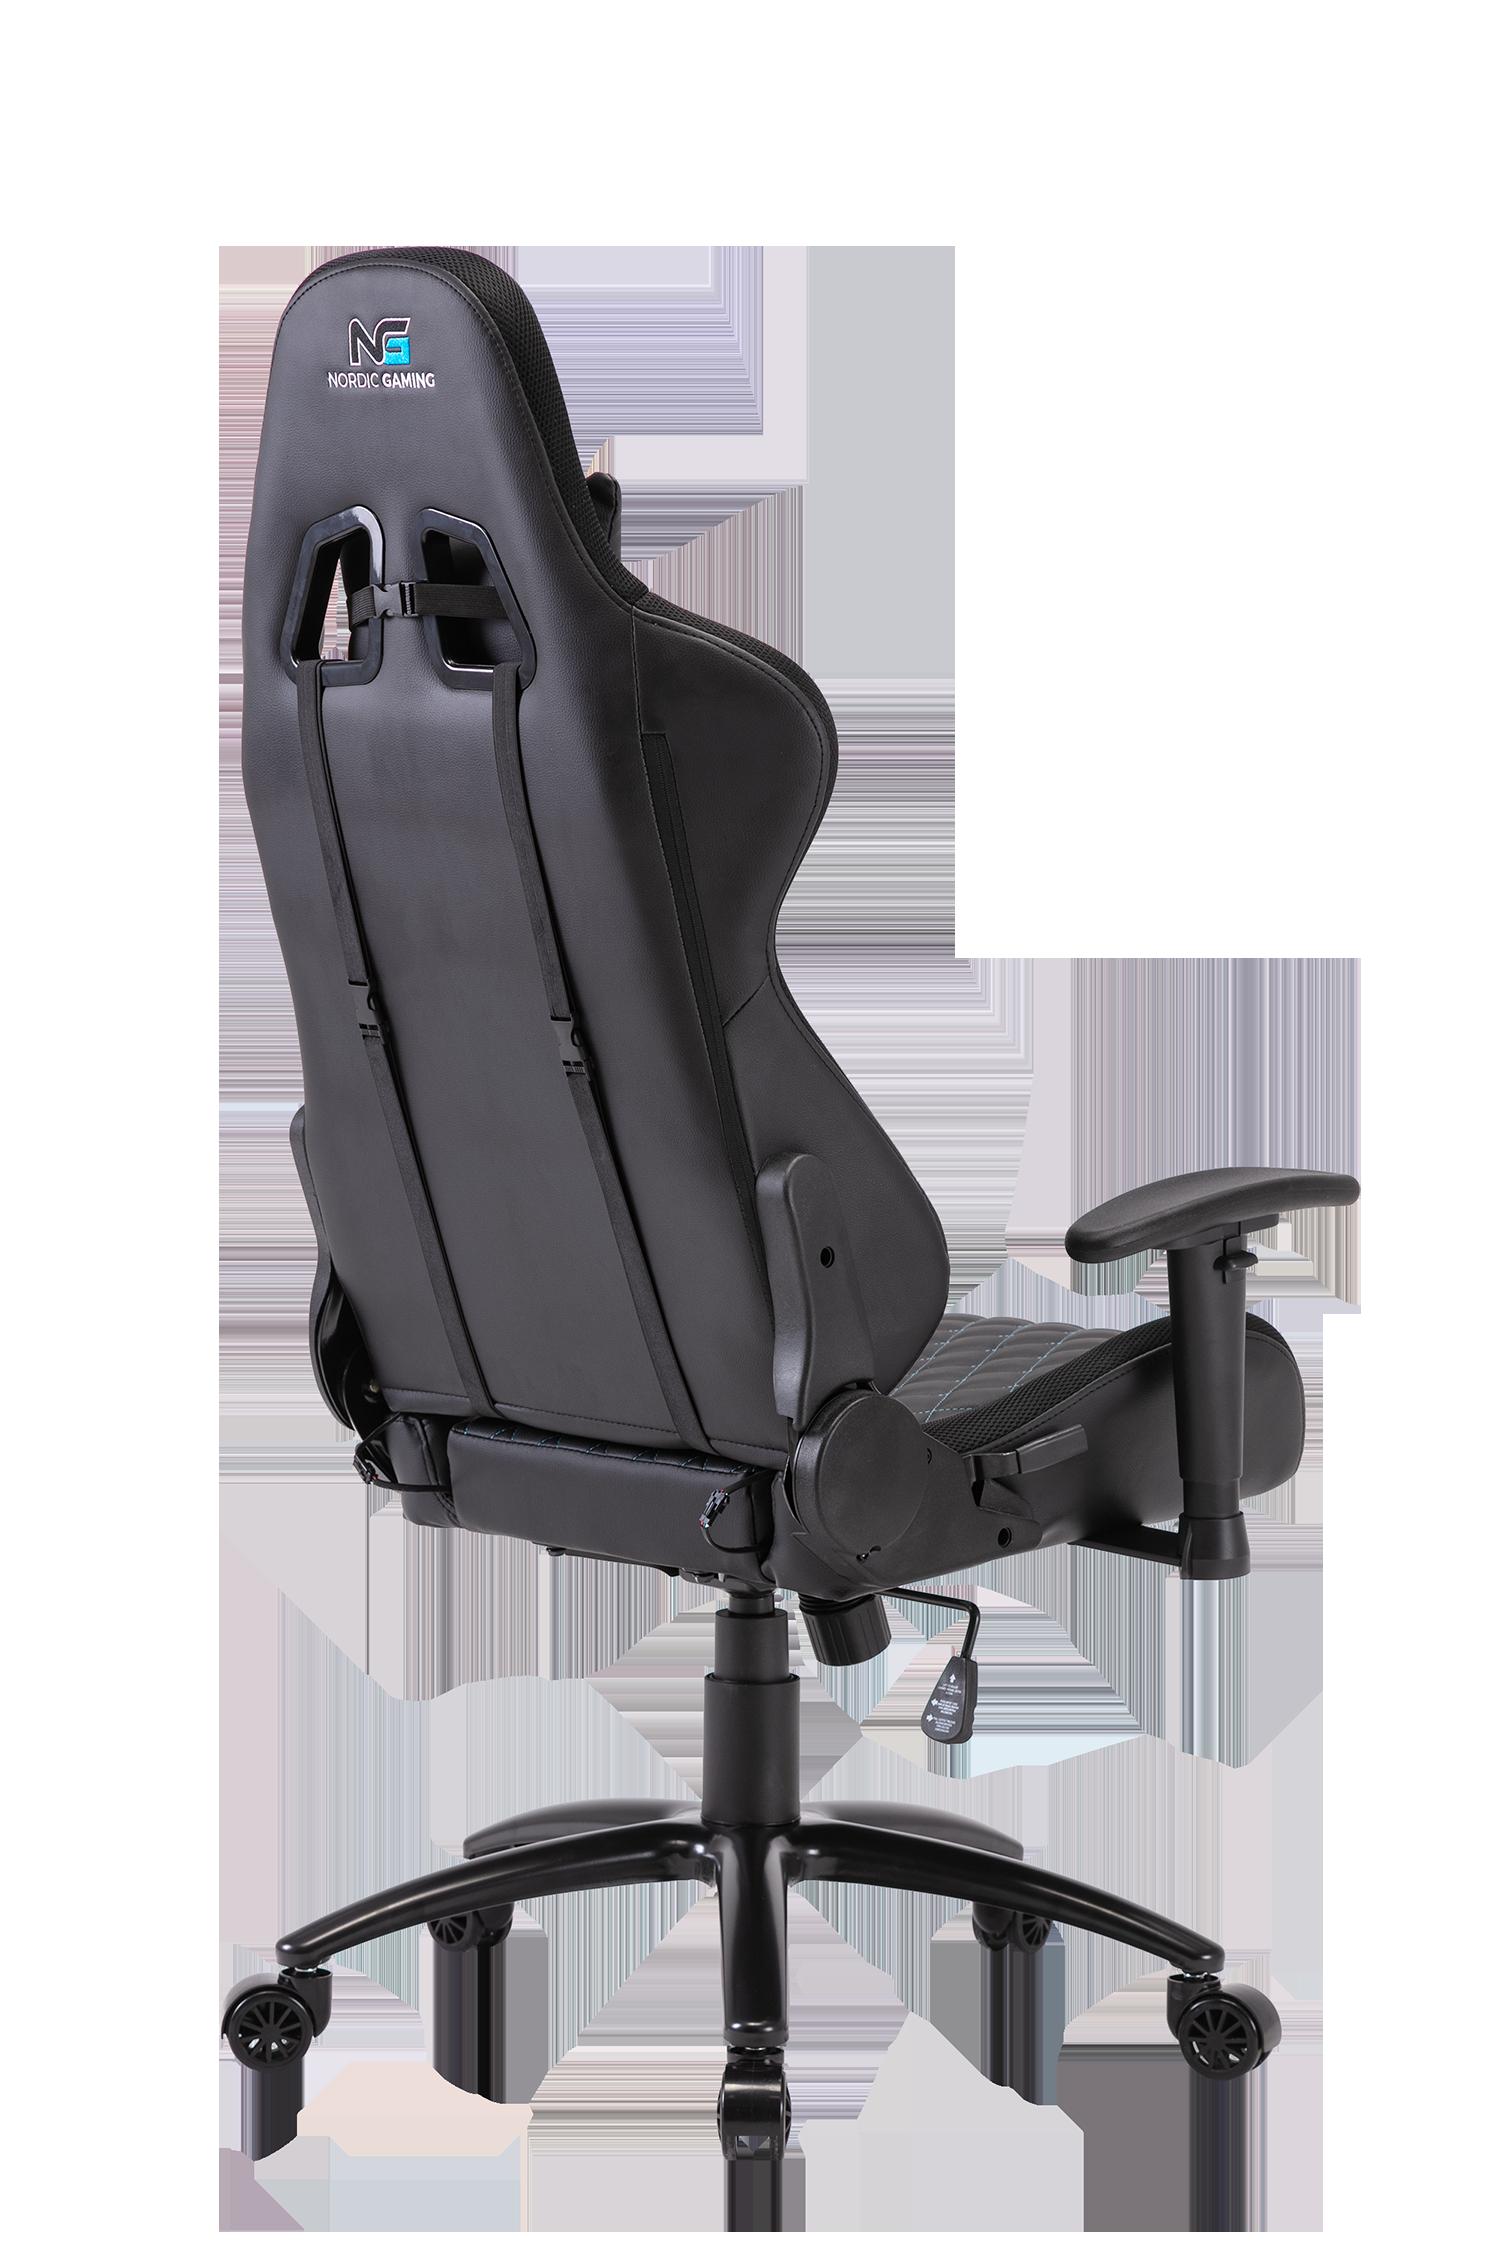 Nordic Gaming Blaster RGB Gaming Chair